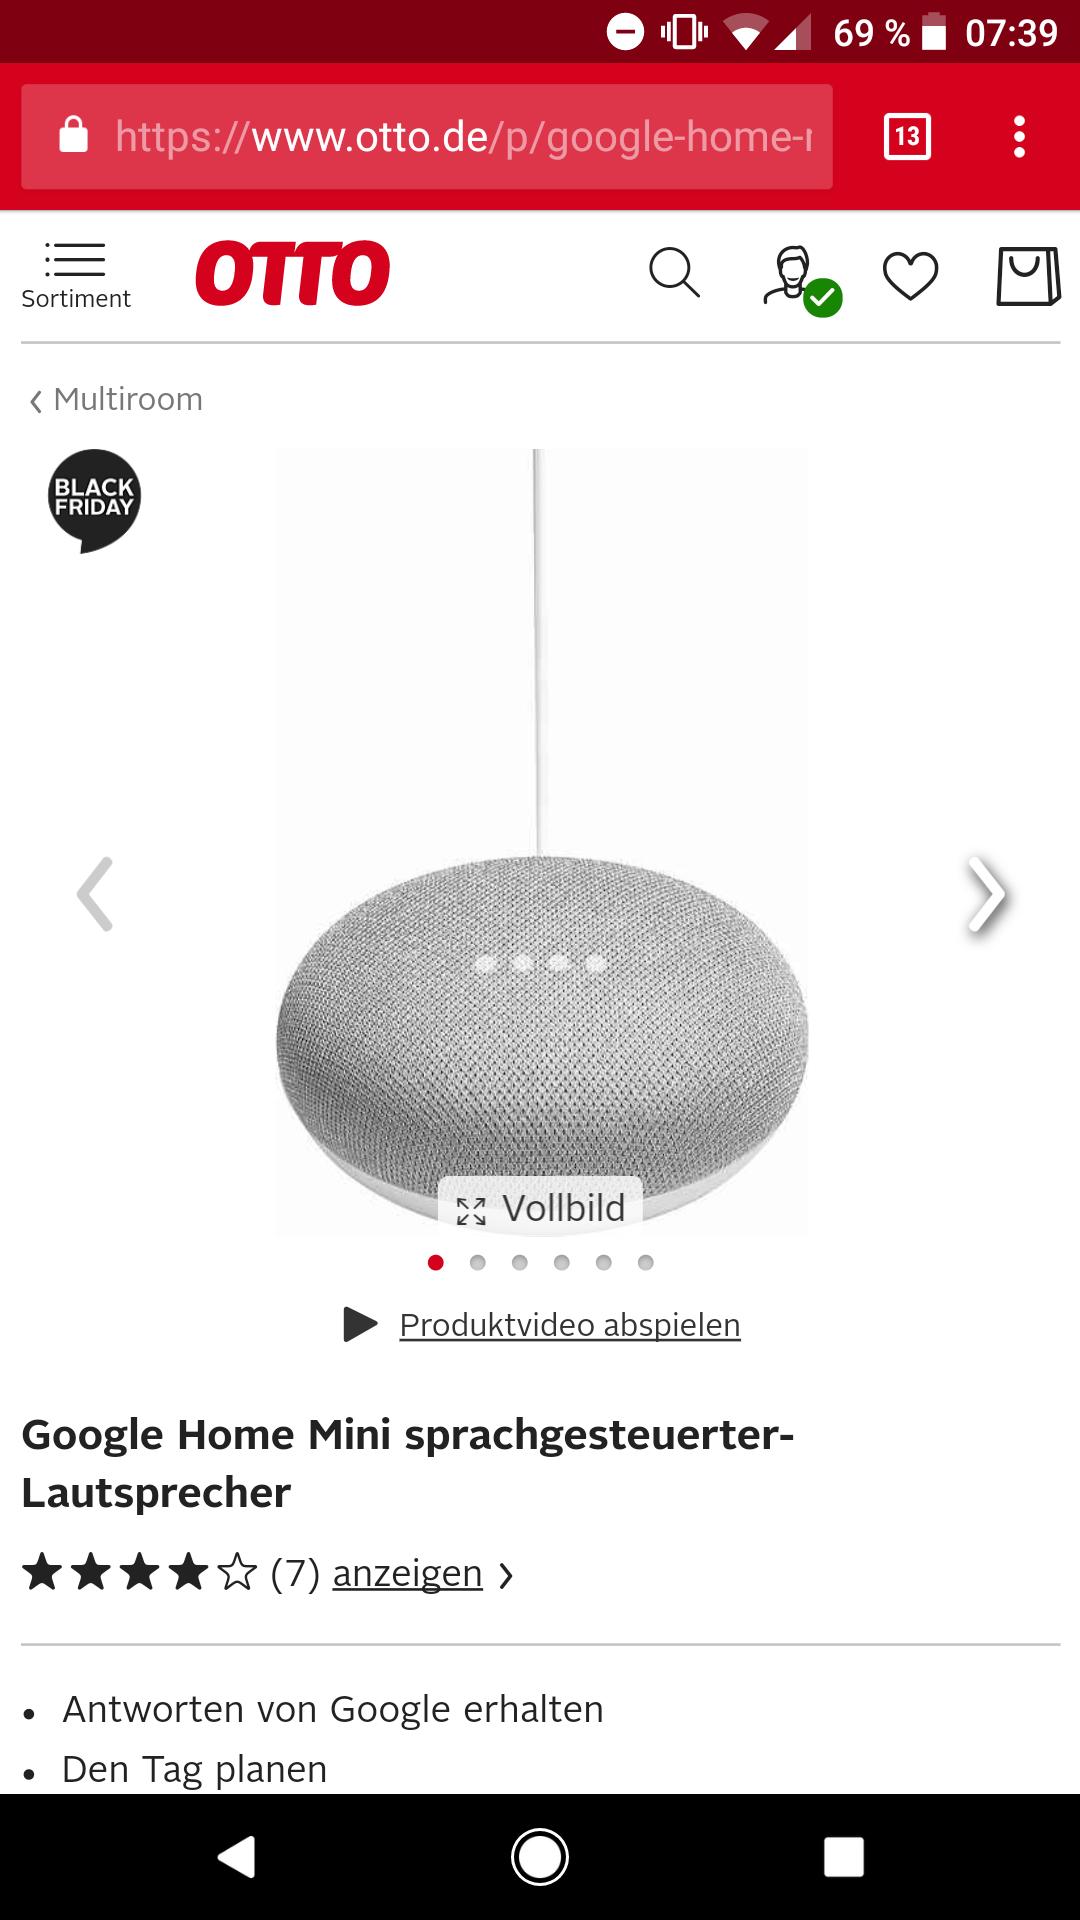 Google Home mini nochmal deutlich günstiger